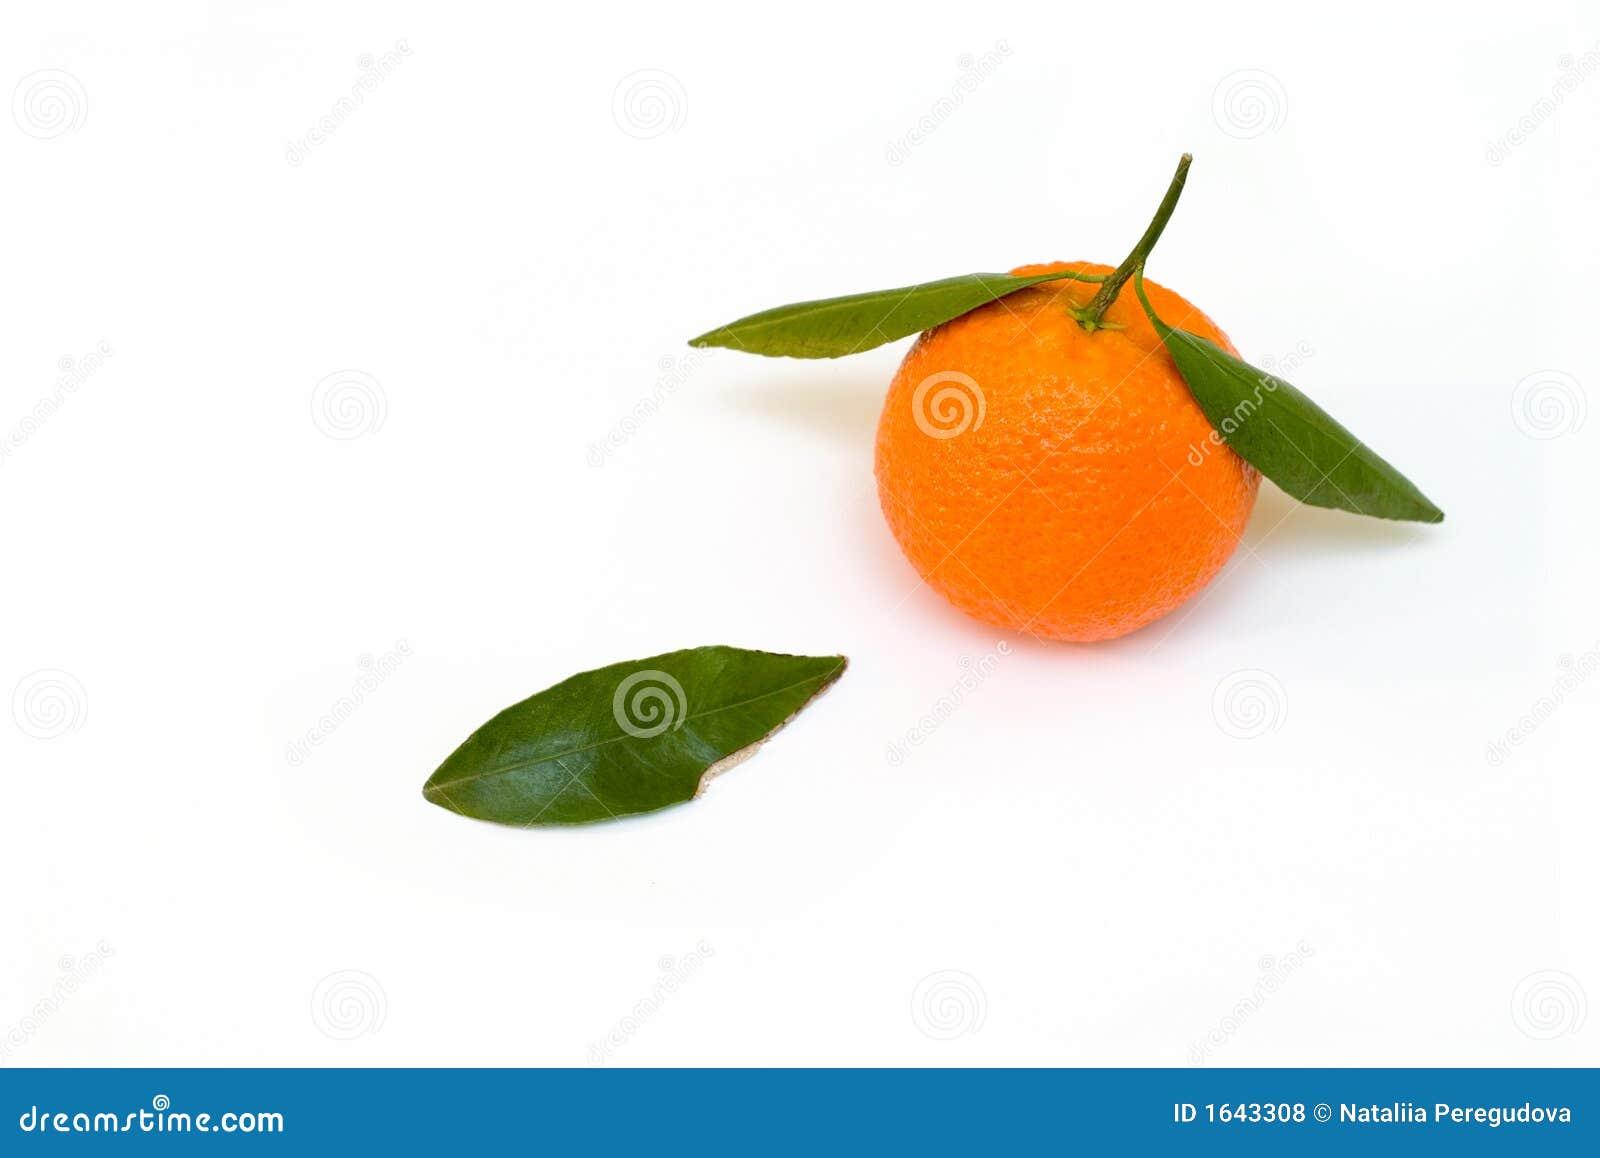 Una mandarina con una hoja verde